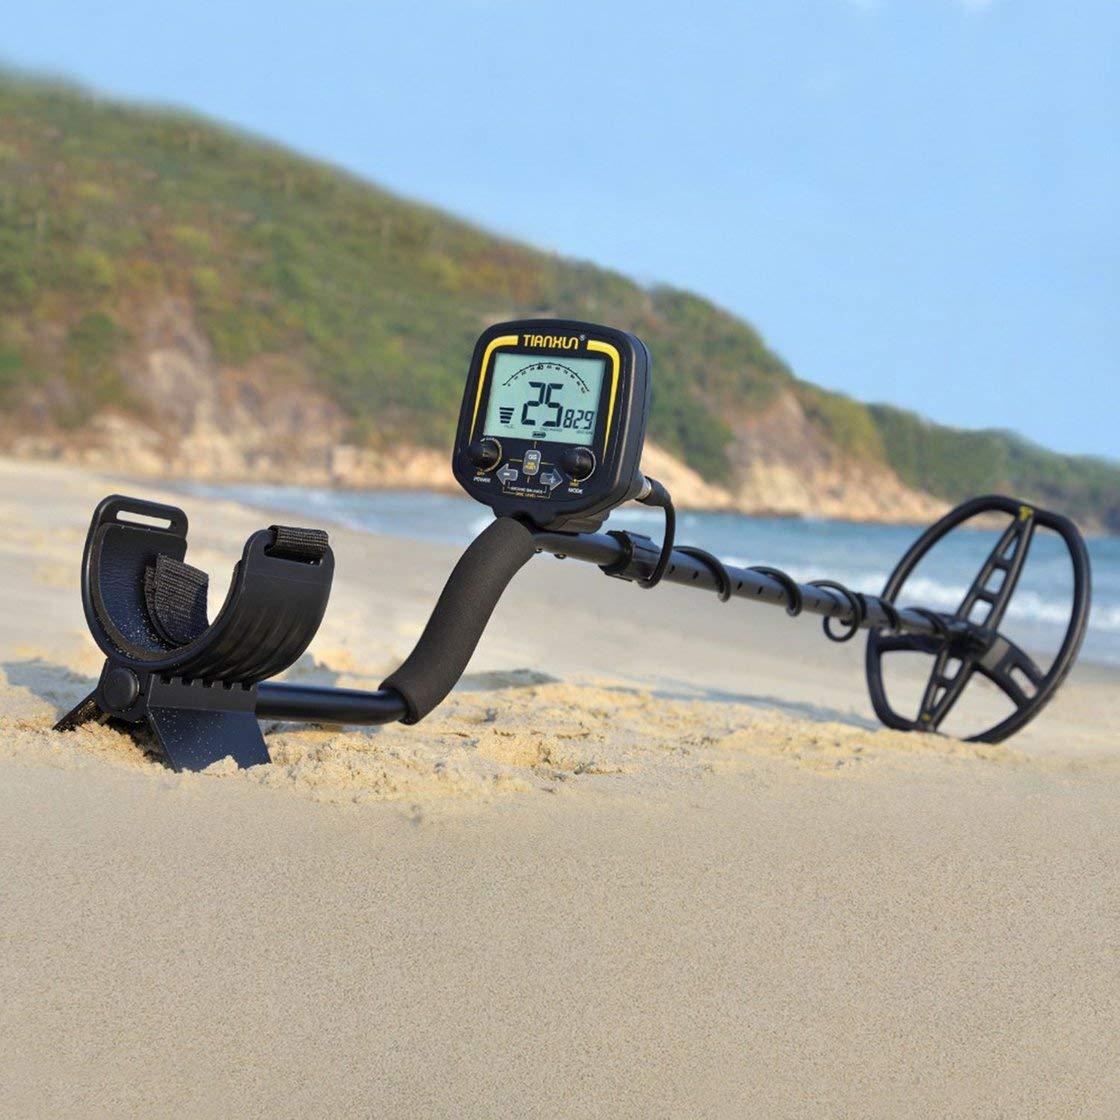 Detector de metales profesional TX-850 Detector de escáner de profundidad subterránea de 2,5 m Detector de oro Cazador de tesoros que detecta Pinpointer: ...